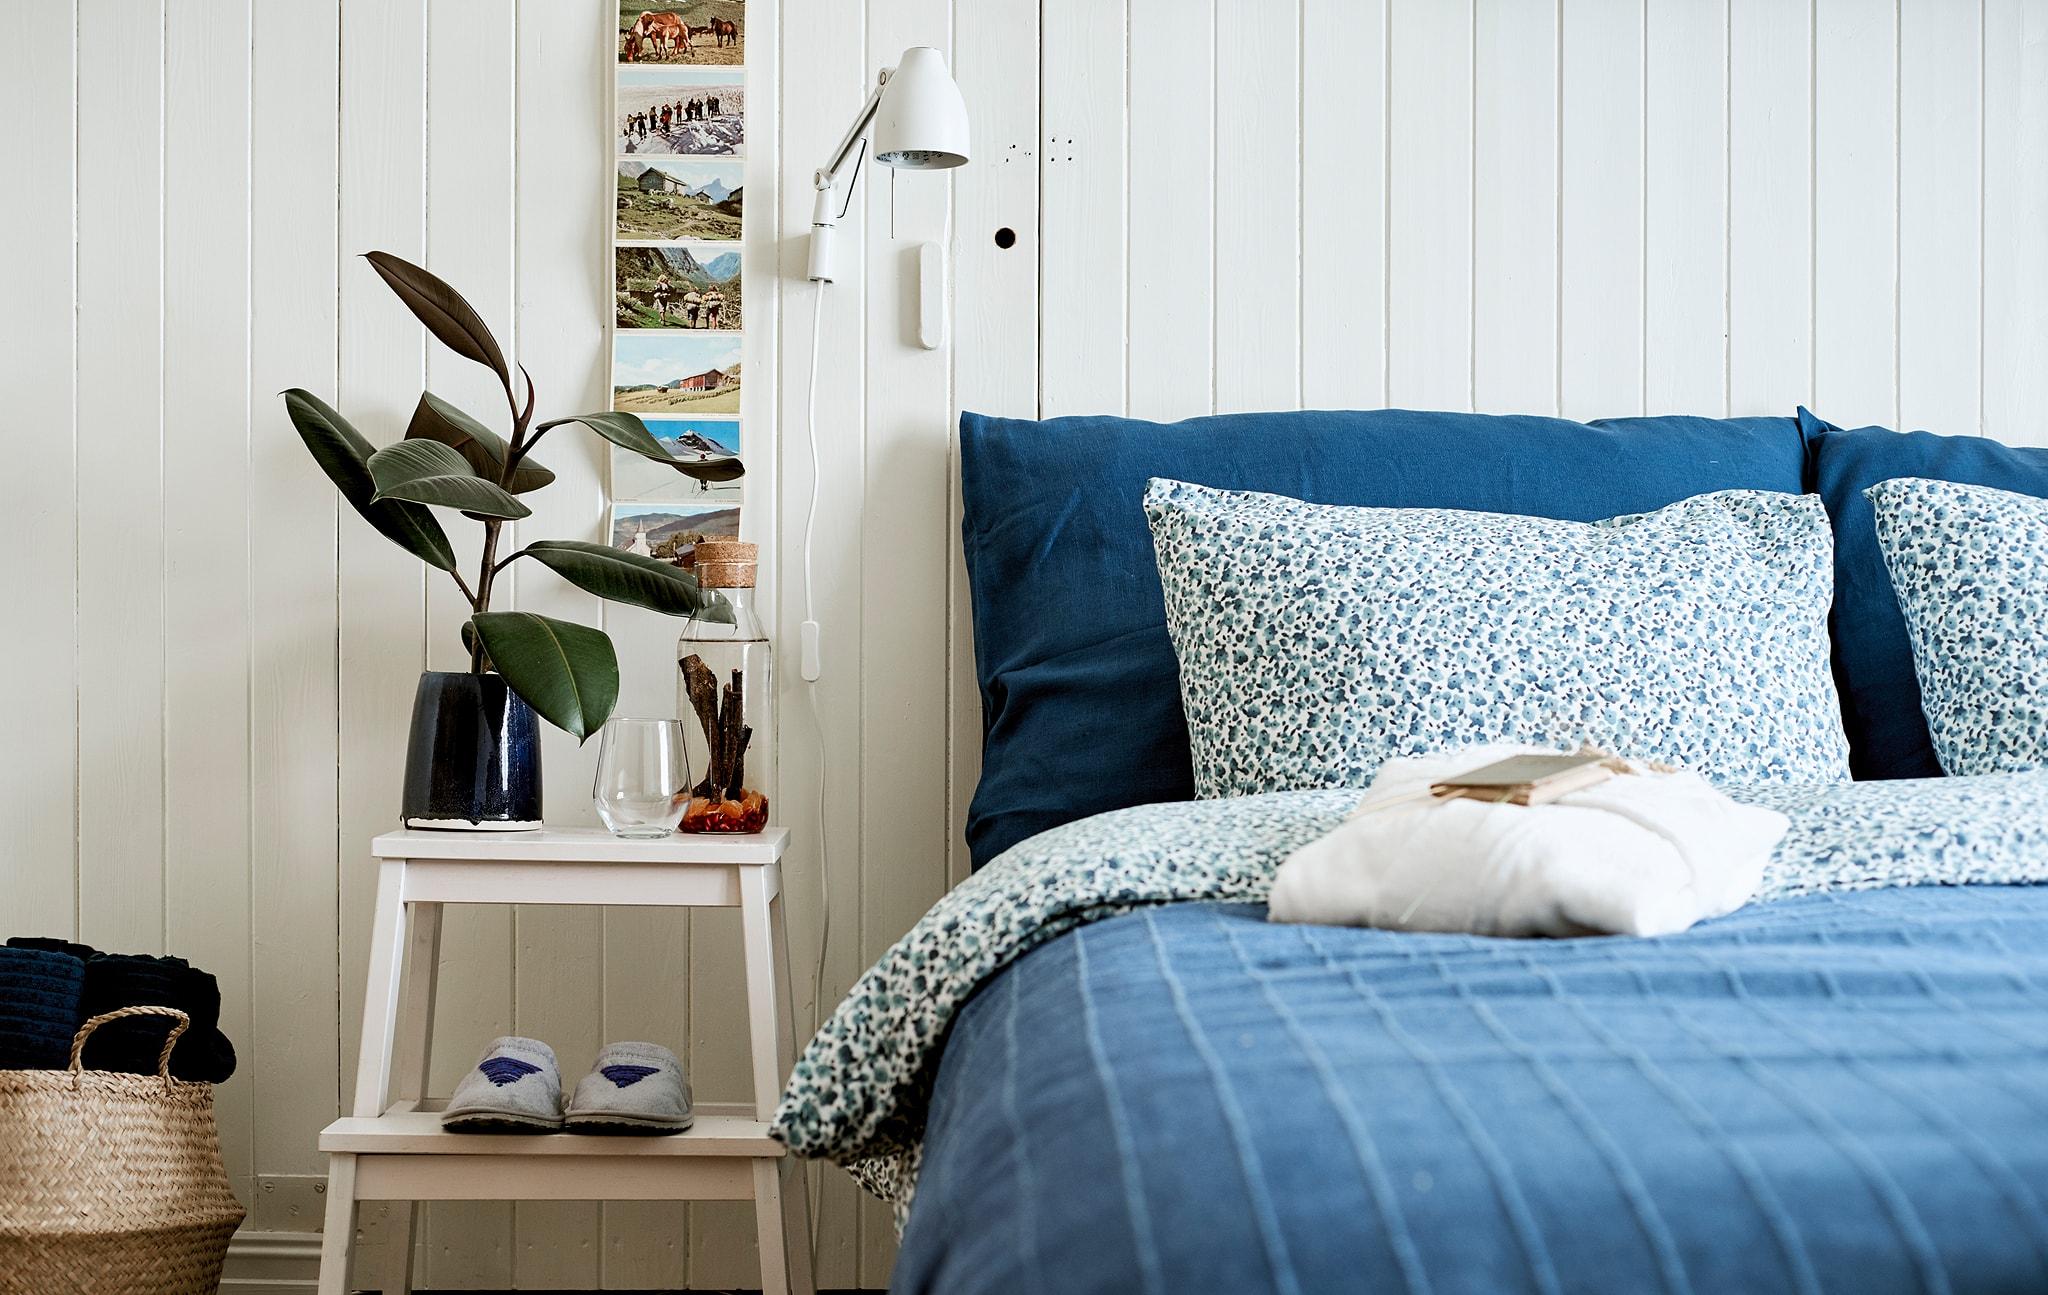 Kunjungan rumah: 6 tips menjamu tamu untuk musim liburan